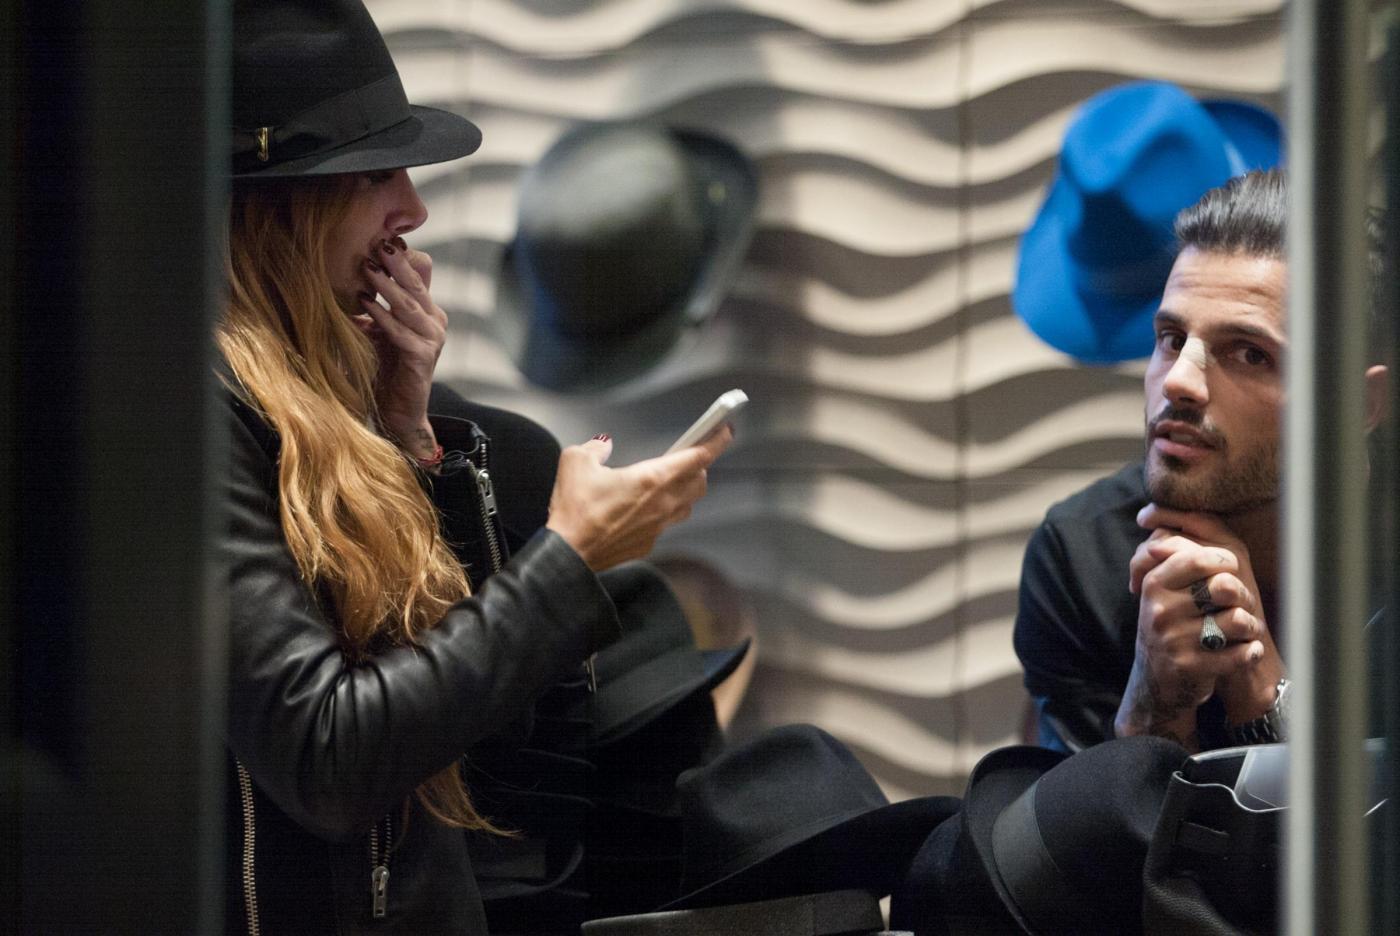 Alessio Lopasso e Roberta Bonfanti travolti dalla passione durante lo shopping07